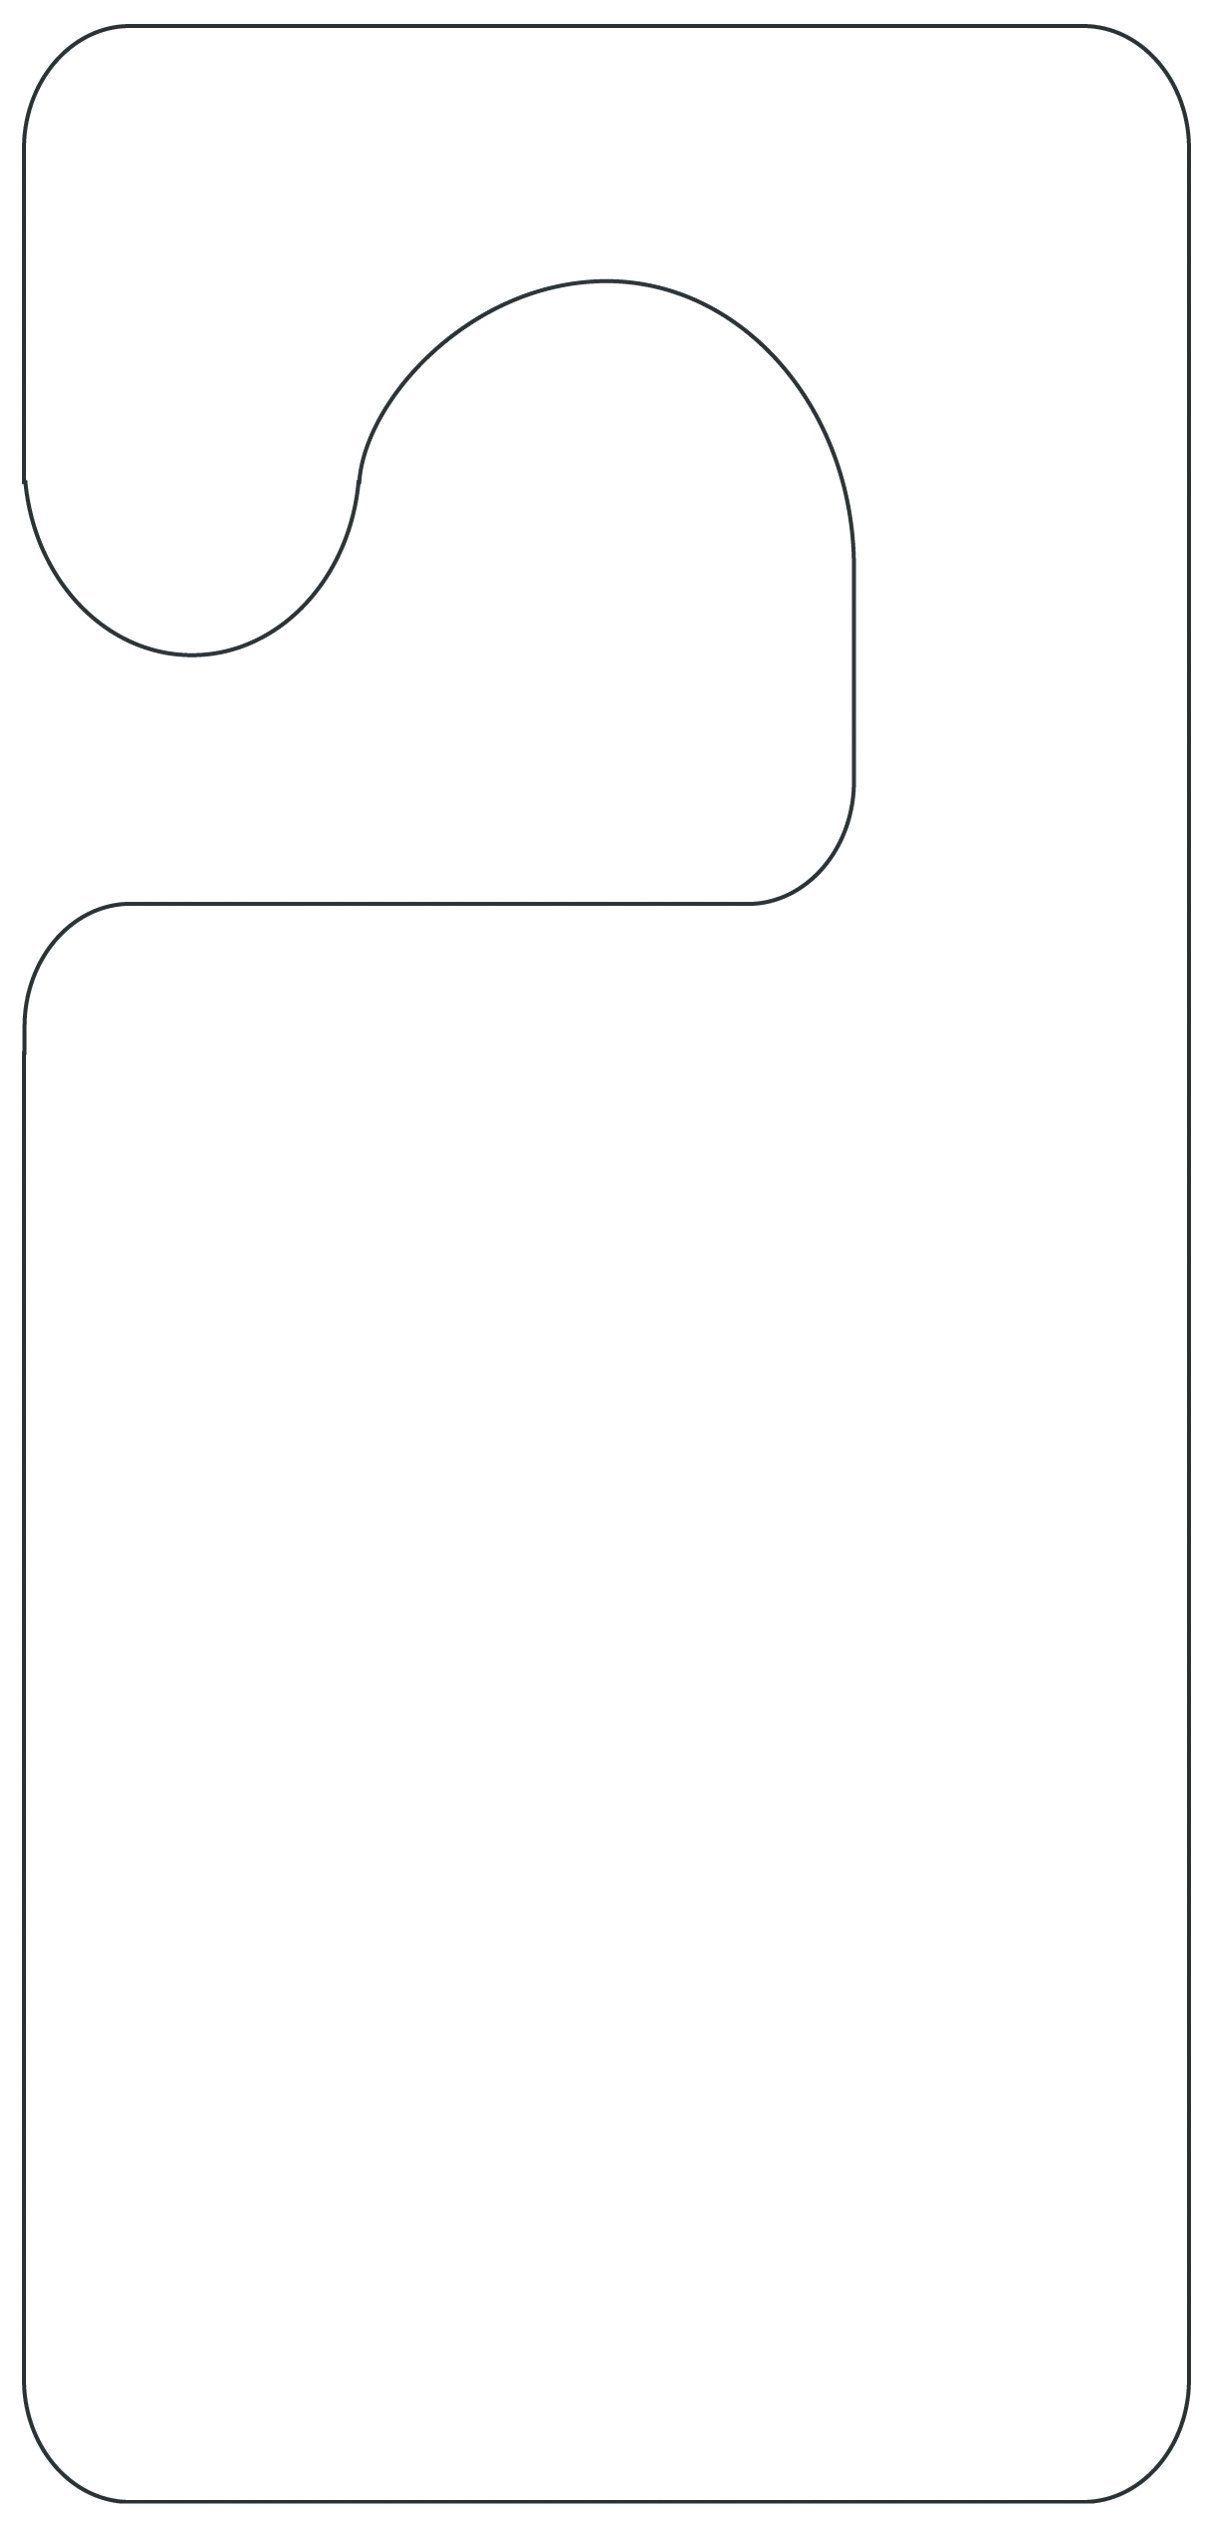 Printable Door Hanger Template | School Projects Year 5 | Dárky - Free Printable Door Hanger Template